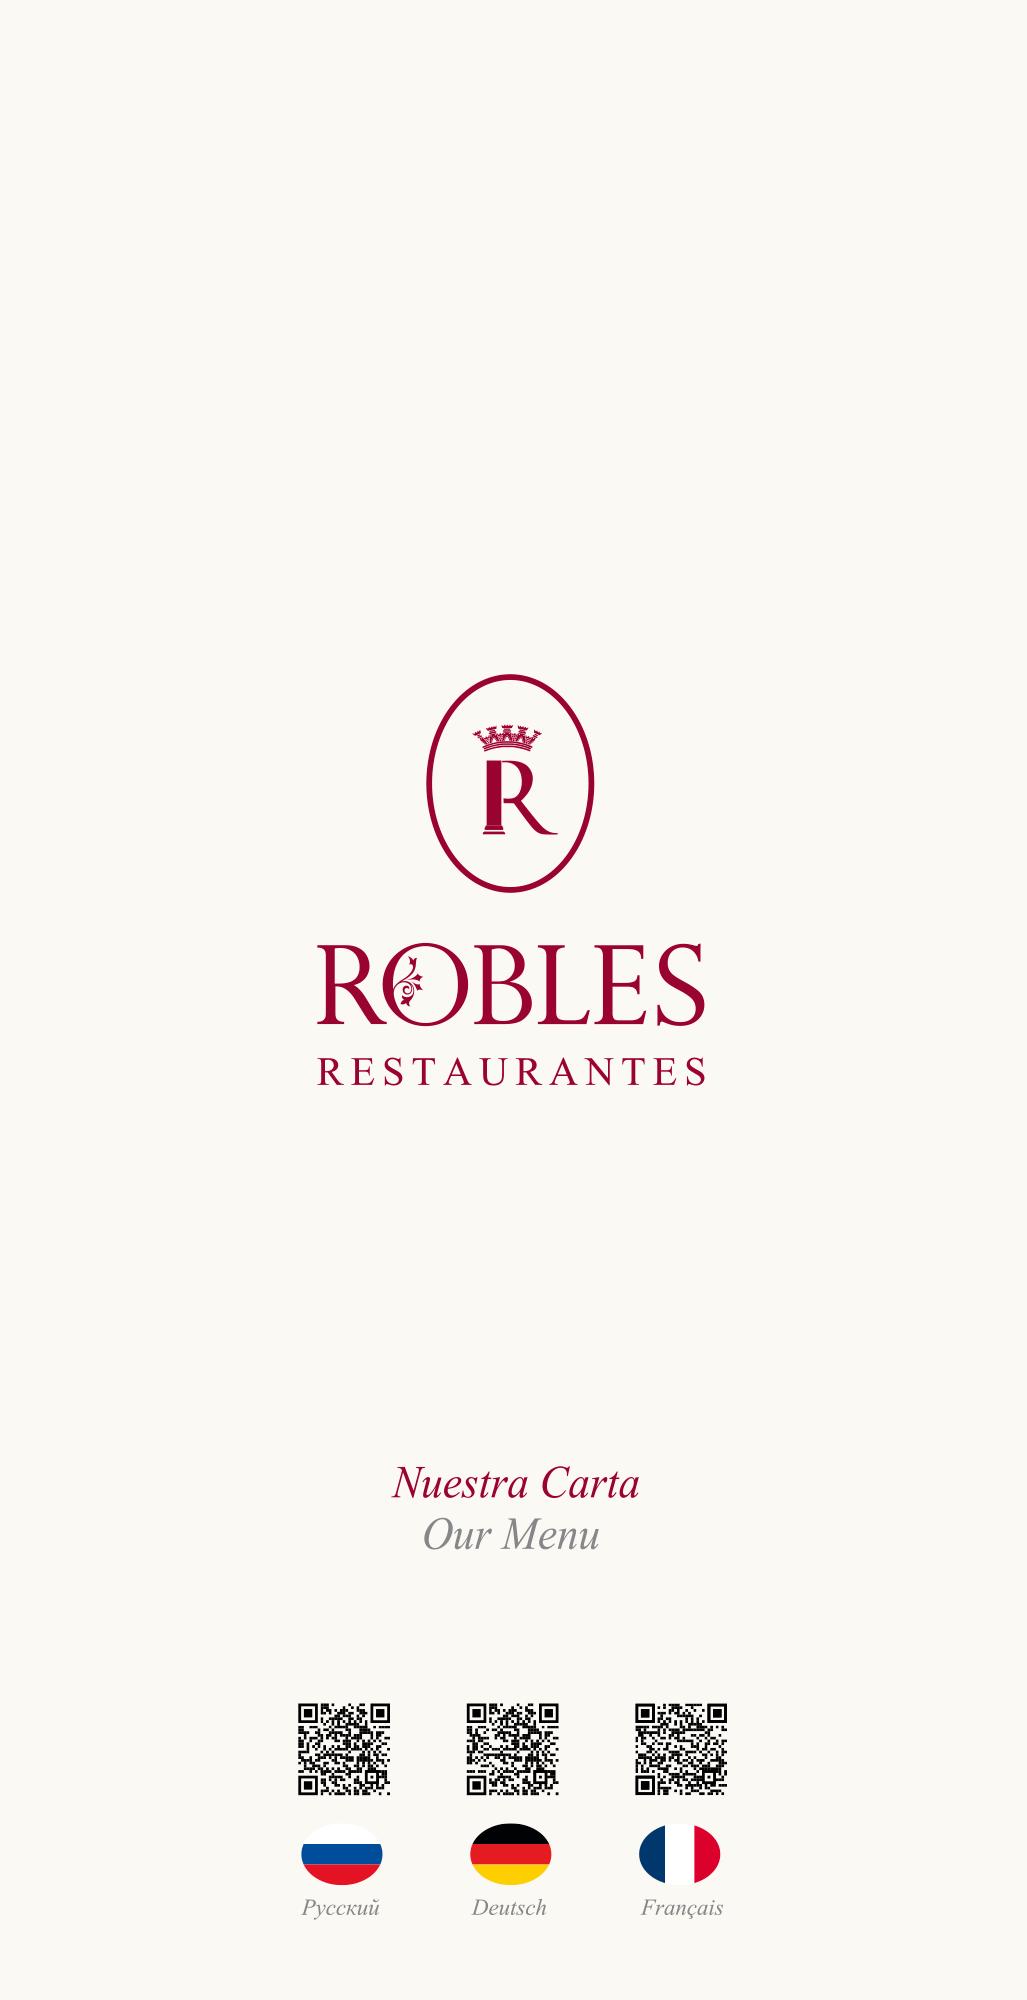 Robles Laredo